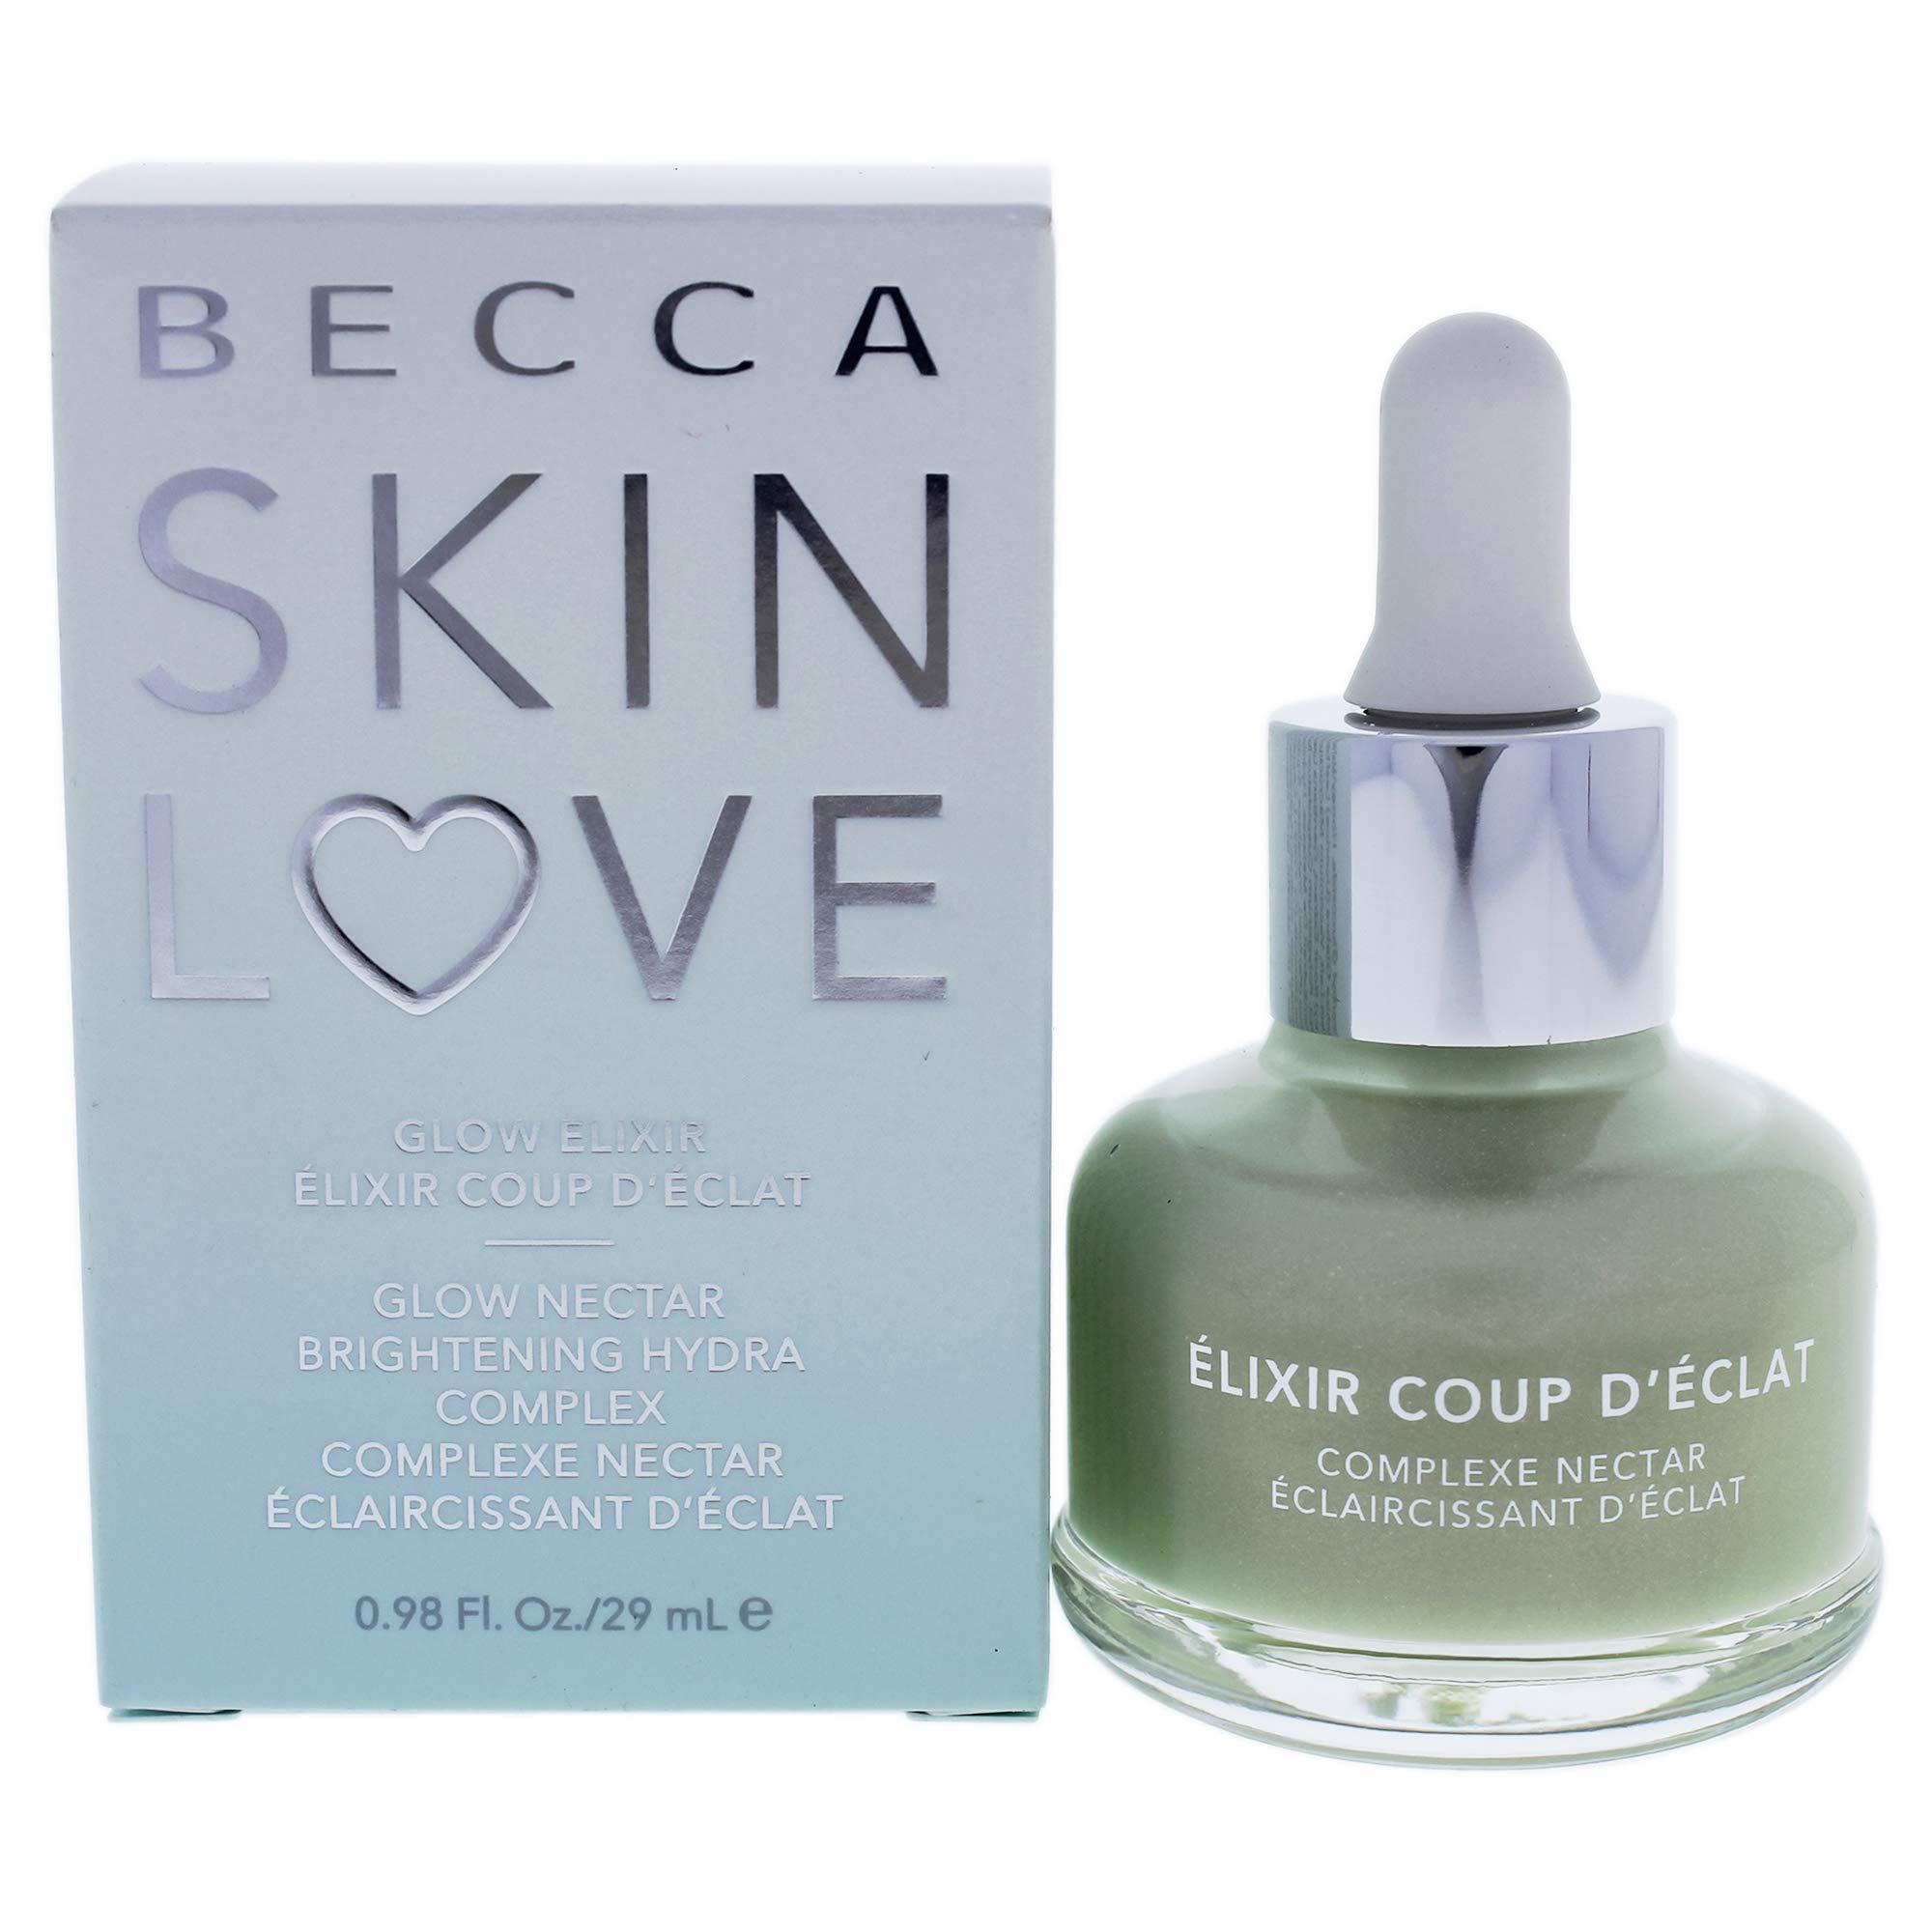 Becca Skin Love Glow Elixir Serum for Women, 0.98 Ounce